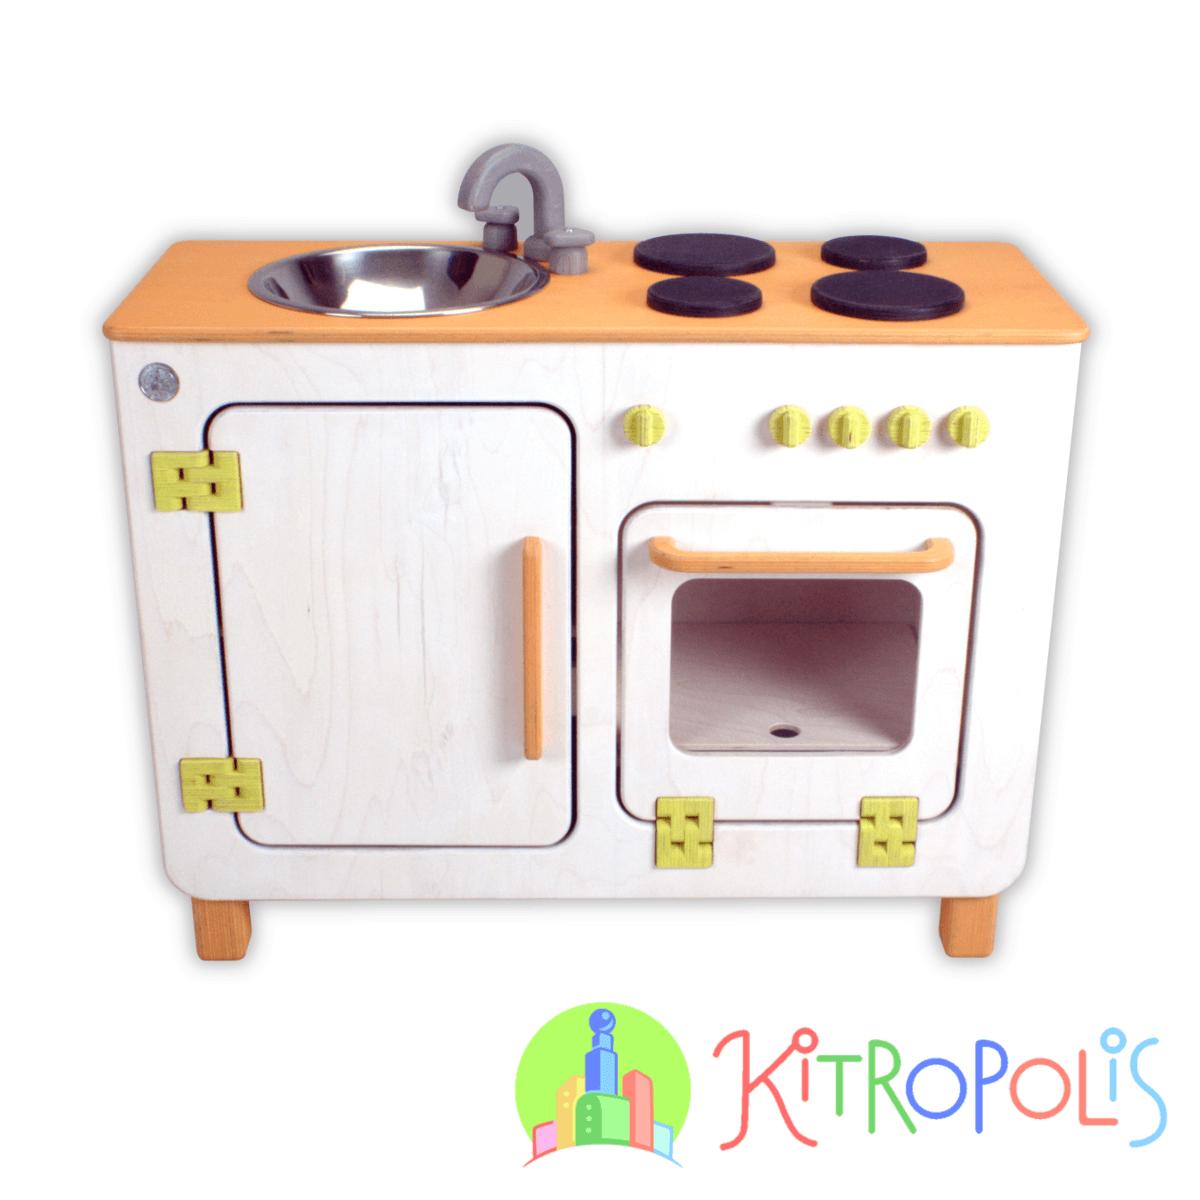 Kitropolis - Daskocht in Orange - Spielküche - Kinderküche aus Holz